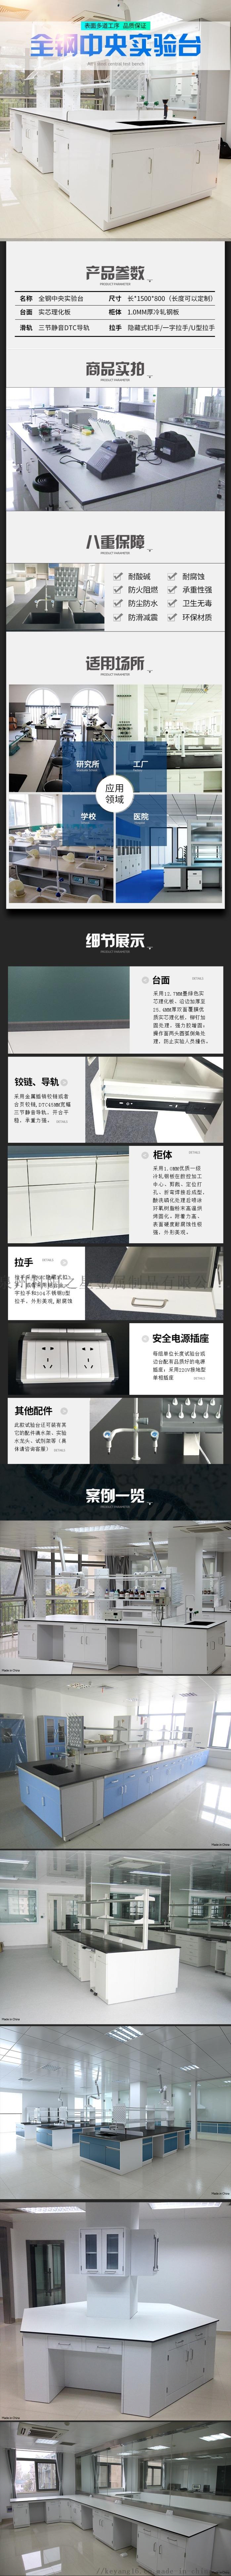 全鋼試驗檯詳情.jpg